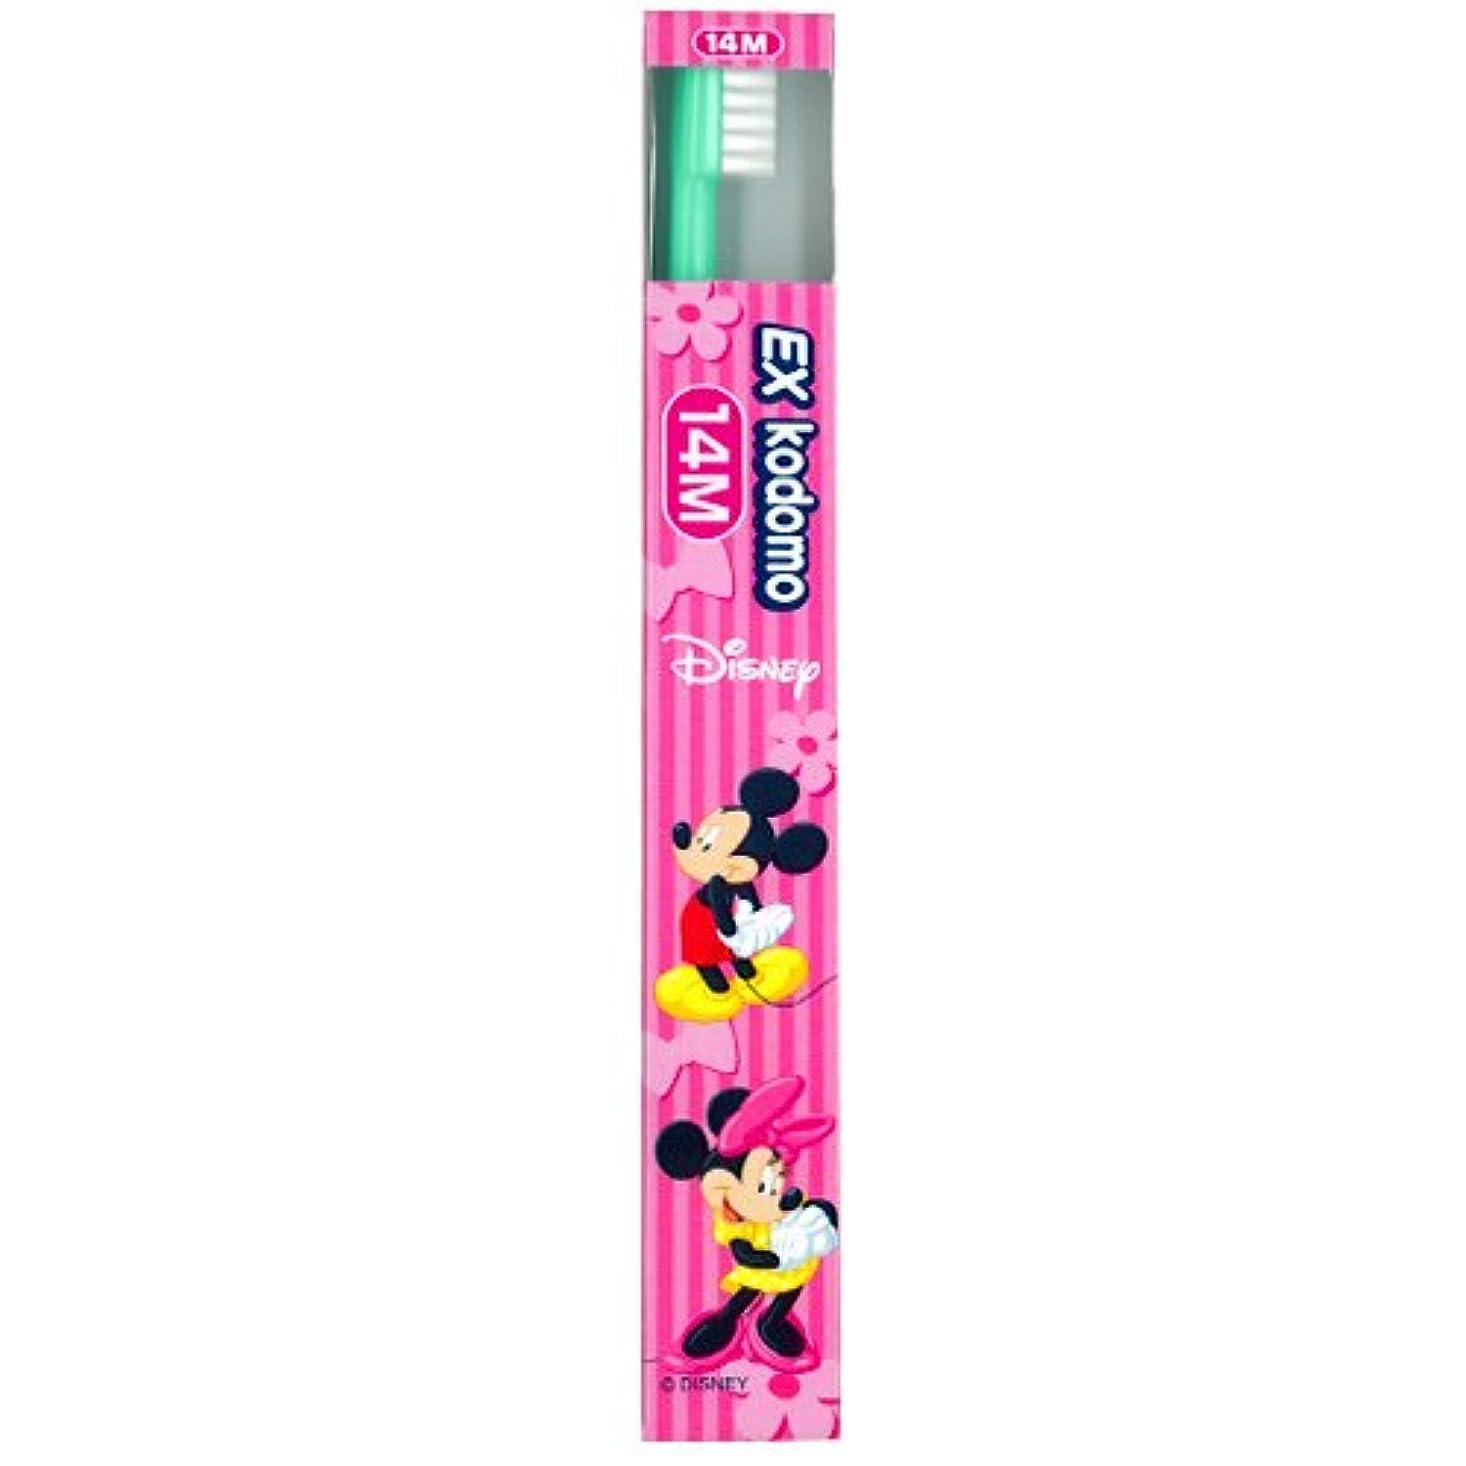 ドリンク気取らない想像力ライオン EX kodomo ディズニー 歯ブラシ 1本 14M グリーン